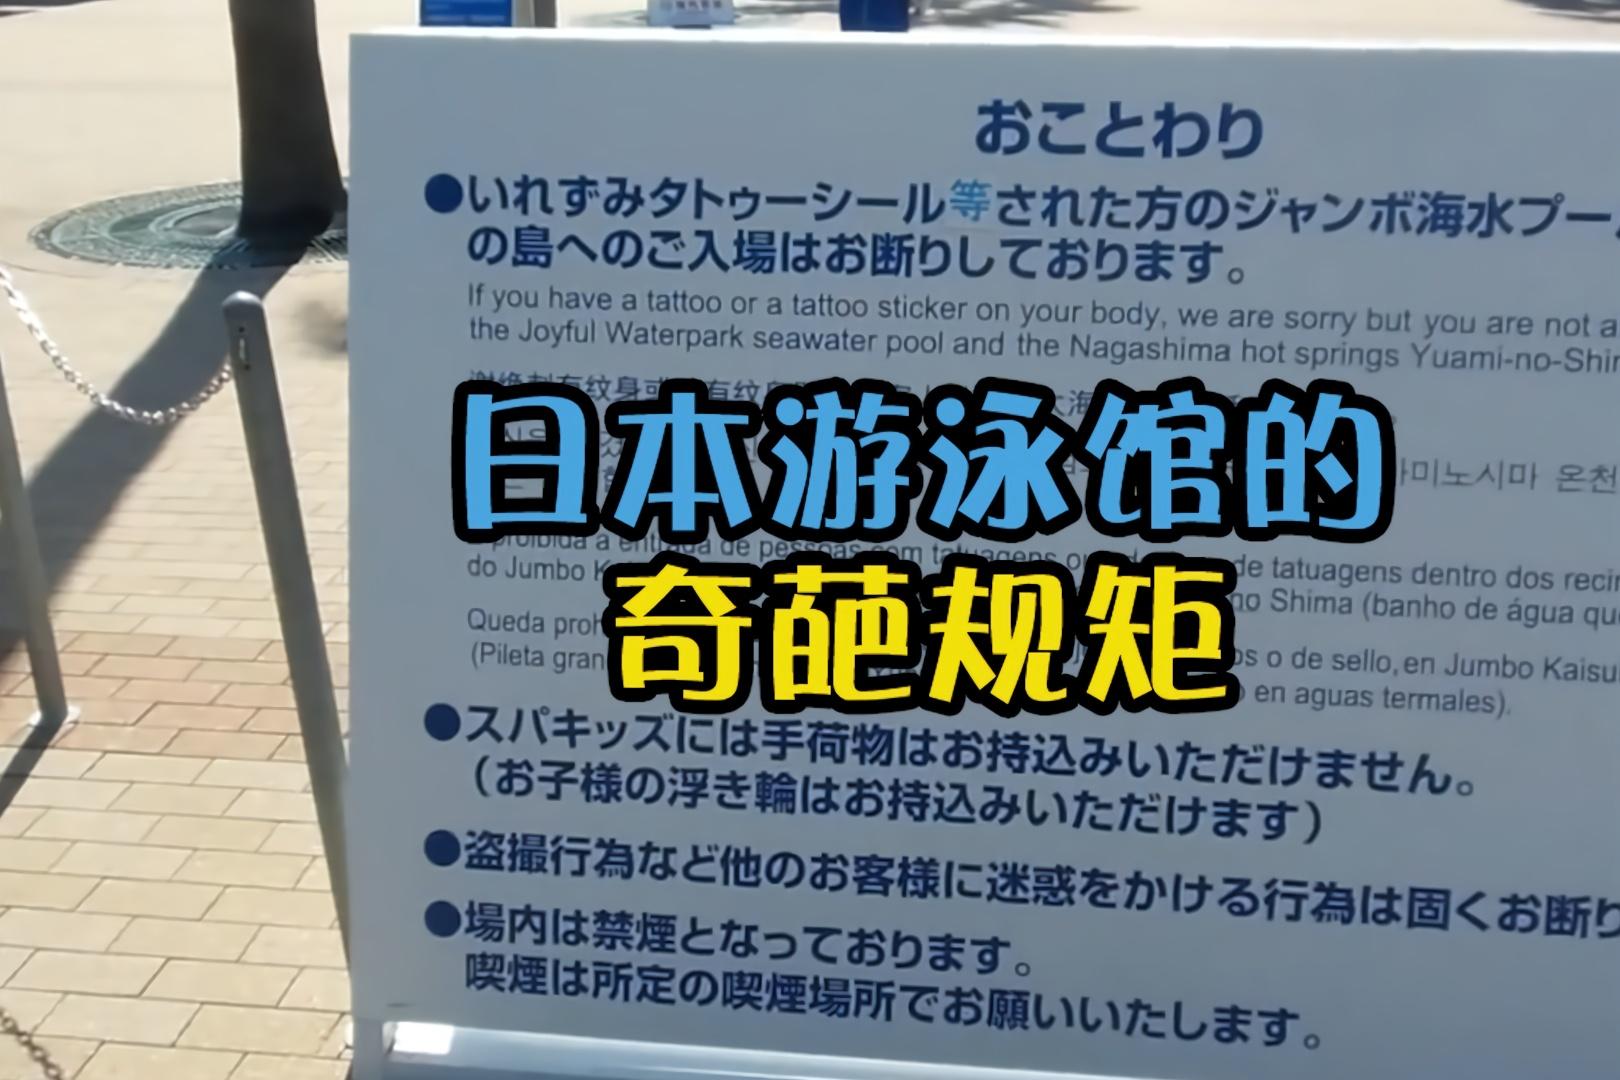 日本的游泳池有哪些让人意想不到的规矩?